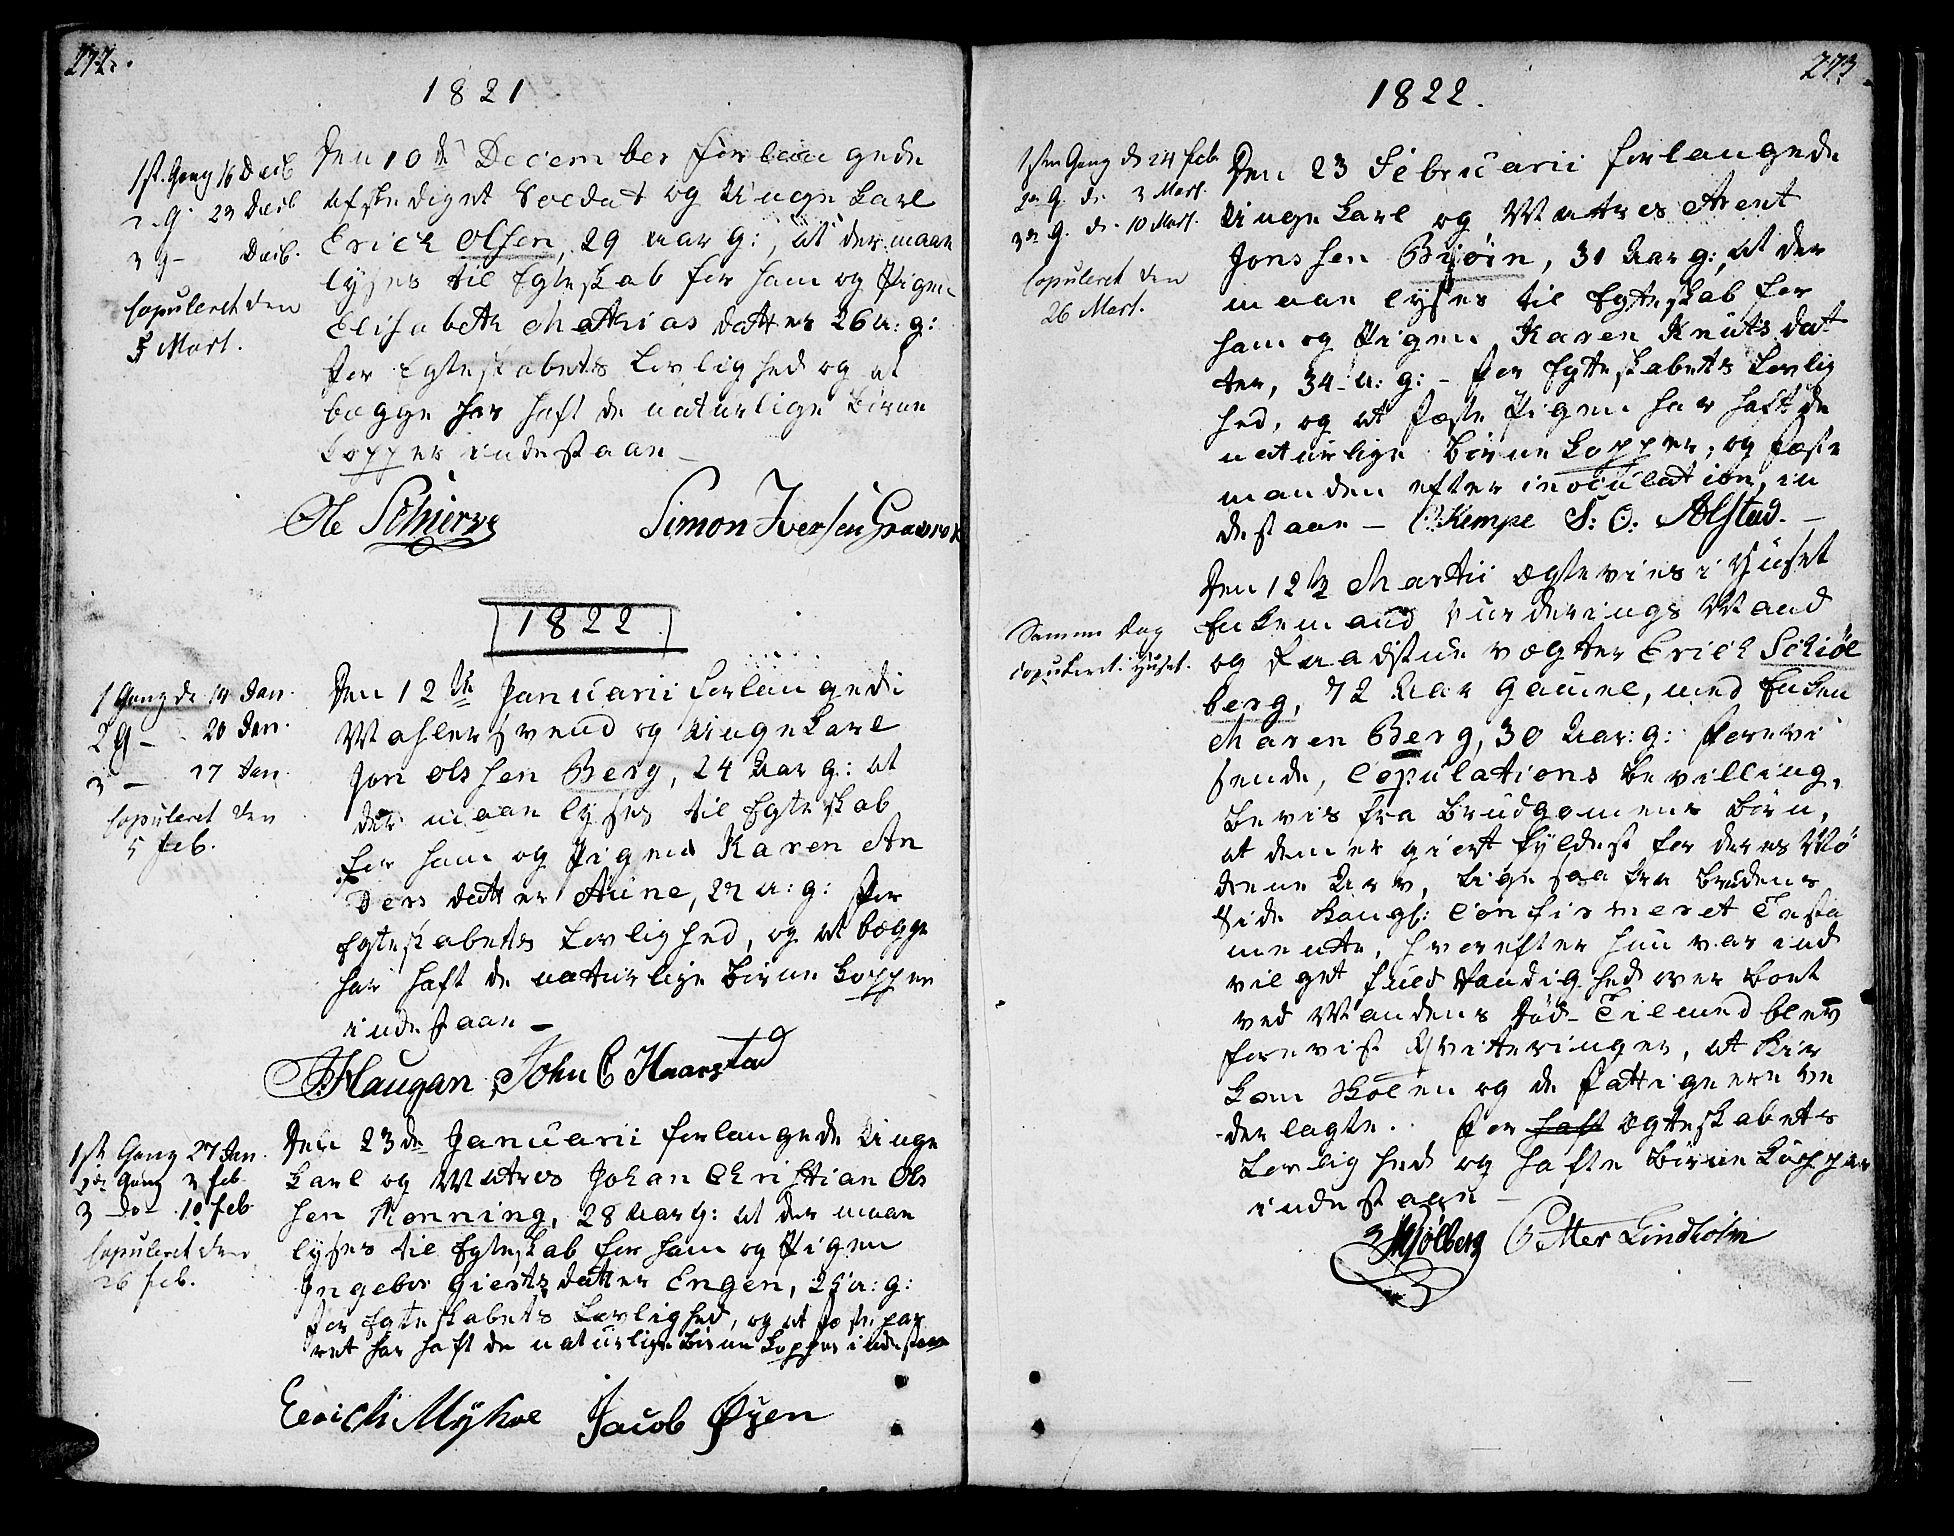 SAT, Ministerialprotokoller, klokkerbøker og fødselsregistre - Sør-Trøndelag, 601/L0042: Ministerialbok nr. 601A10, 1802-1830, s. 272-273